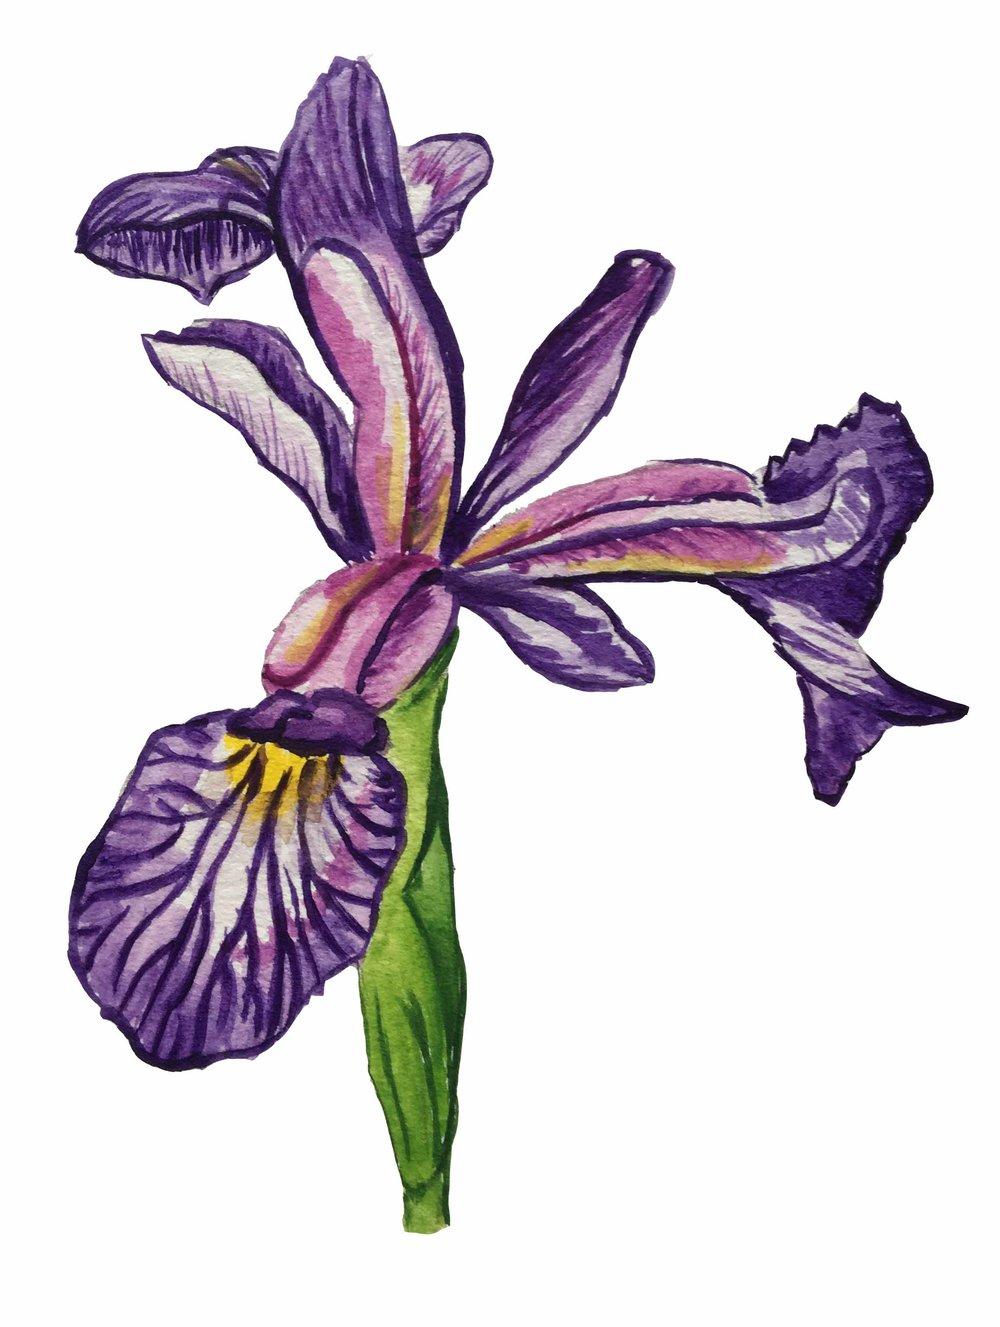 dwarf lake iris low res.jpg